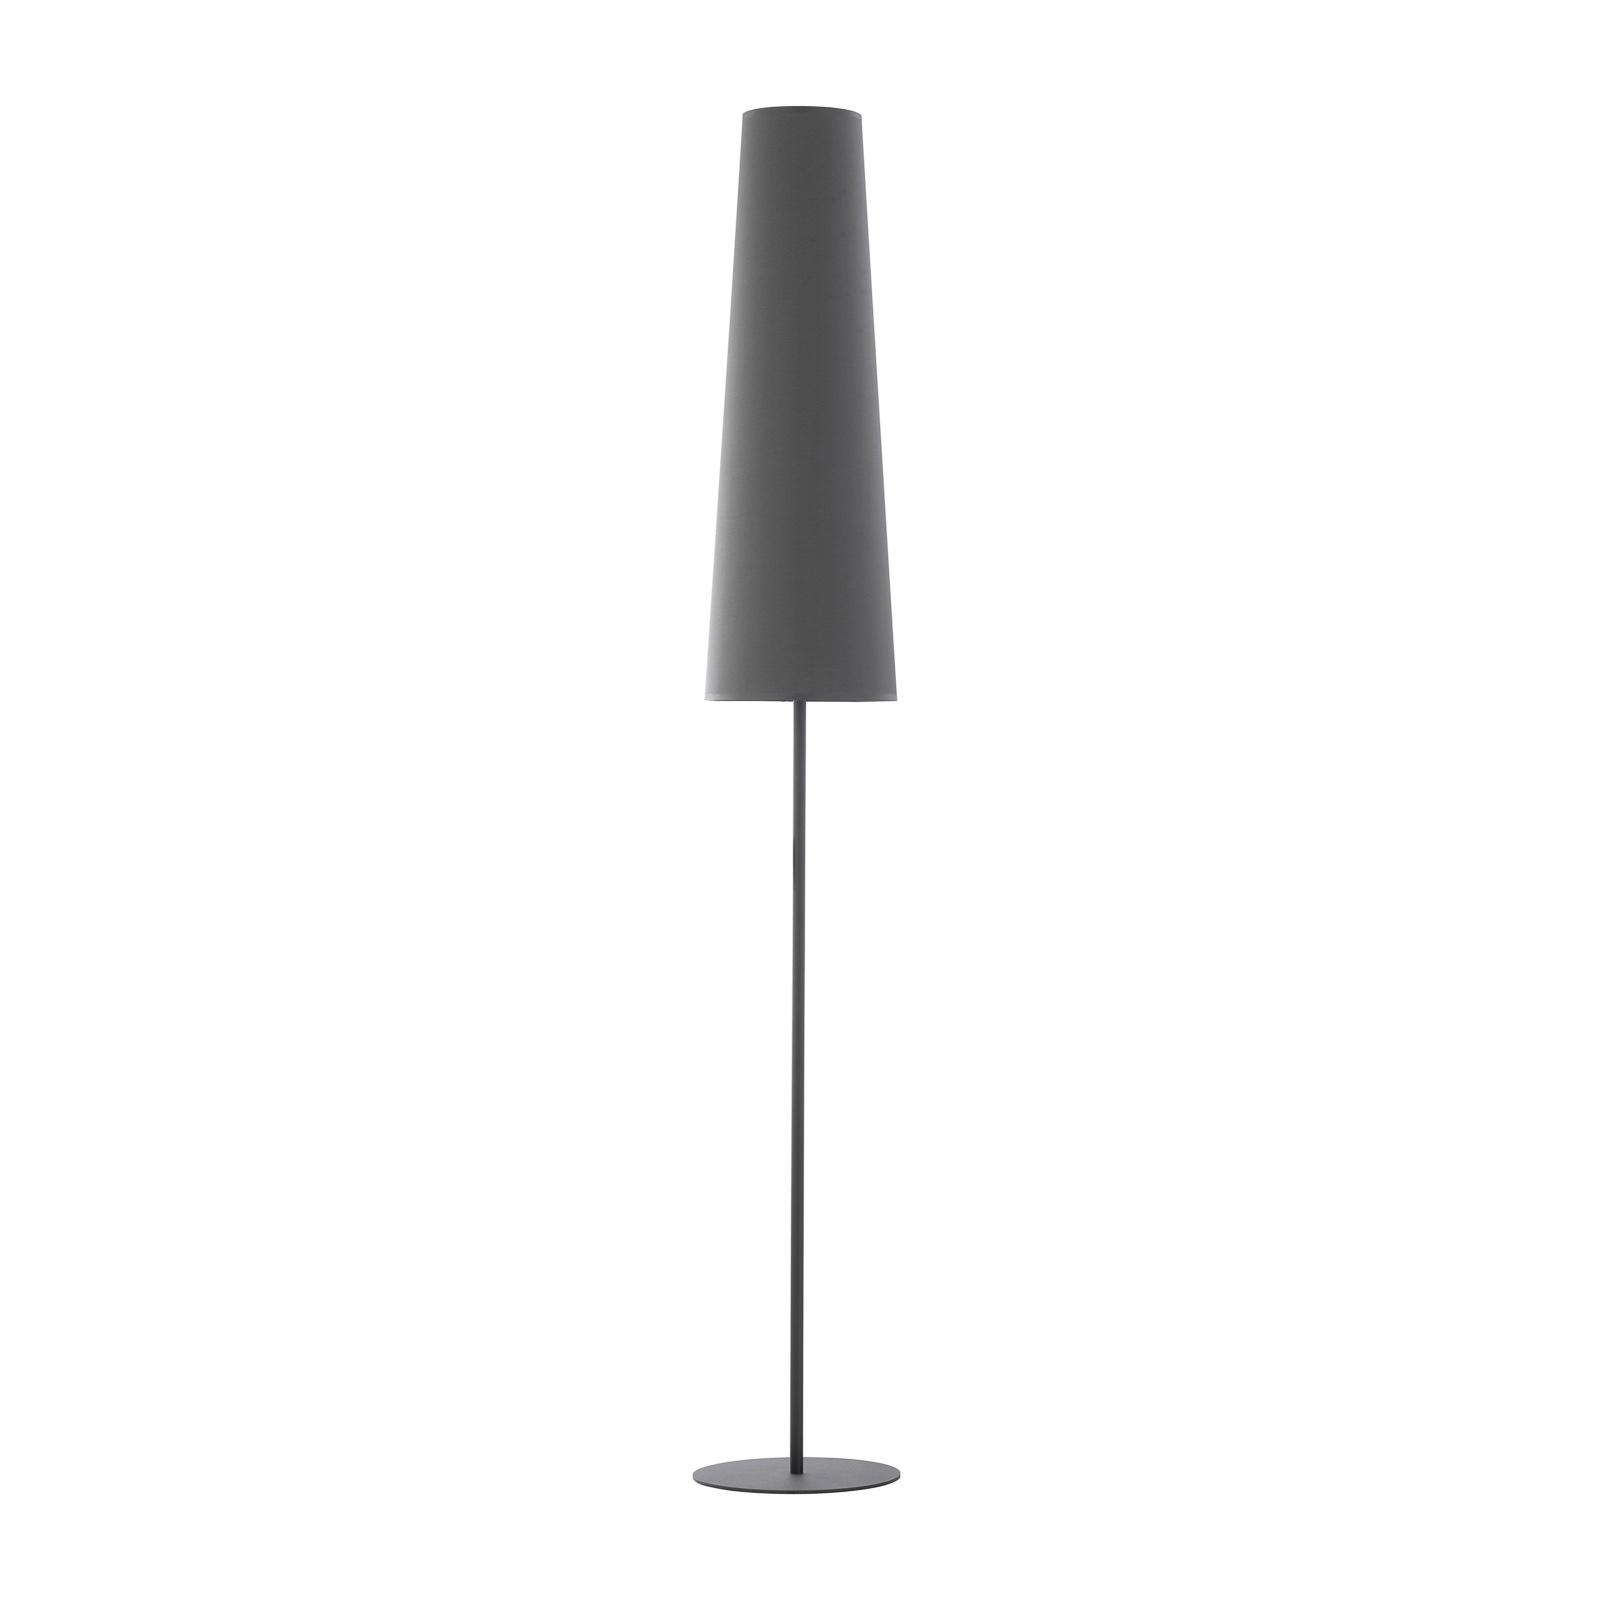 Lampadaire Umbrella, hauteur 168 cm, graphite